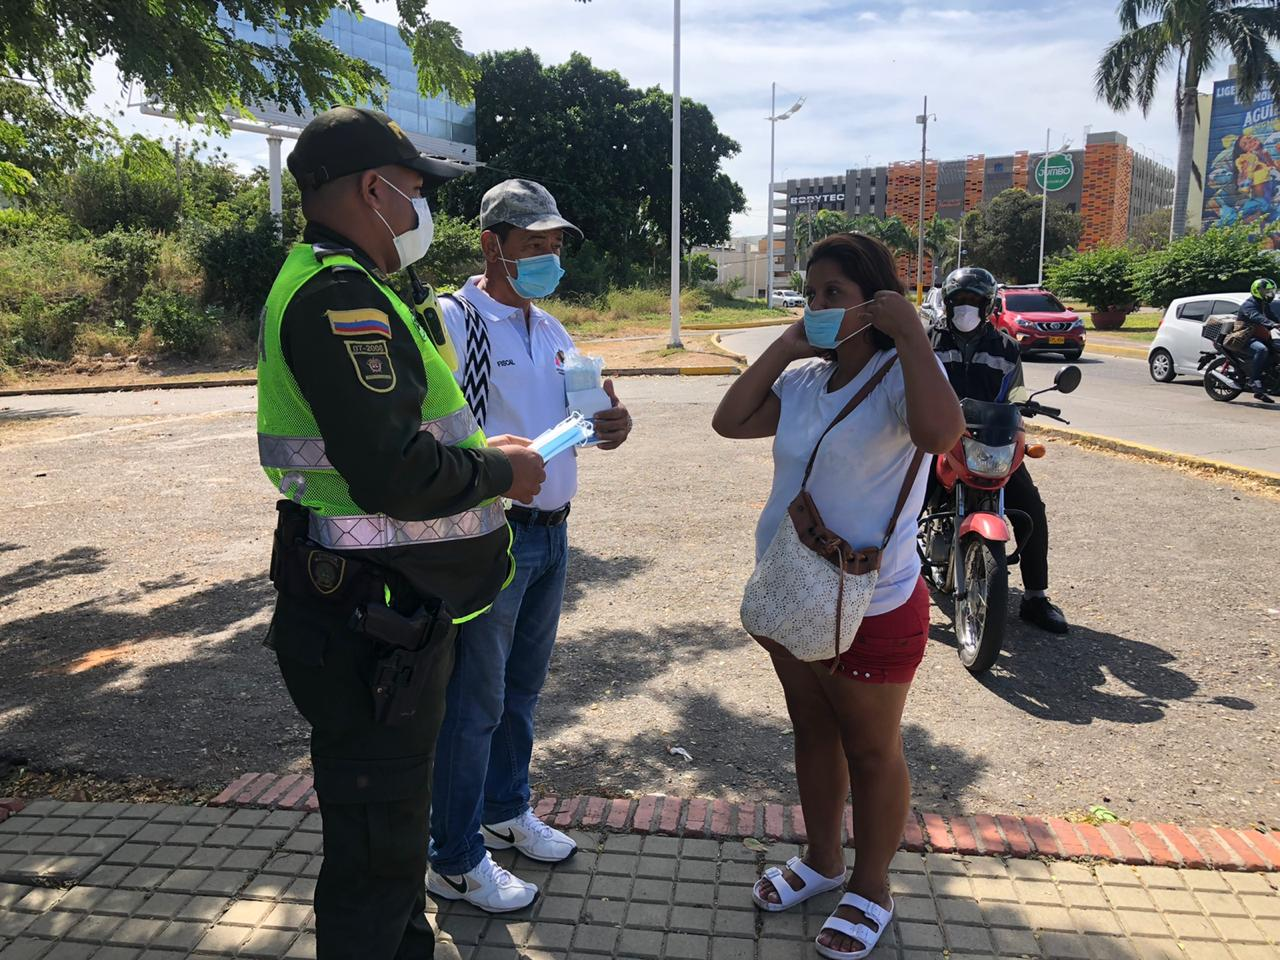 La Policía Nacional, a través del grupo de Prevención y Educación Ciudadana, resaltó las medidas vigentes decretadas por la Alcaldía de Valledupar. Foto: Joaquín Ramírez.